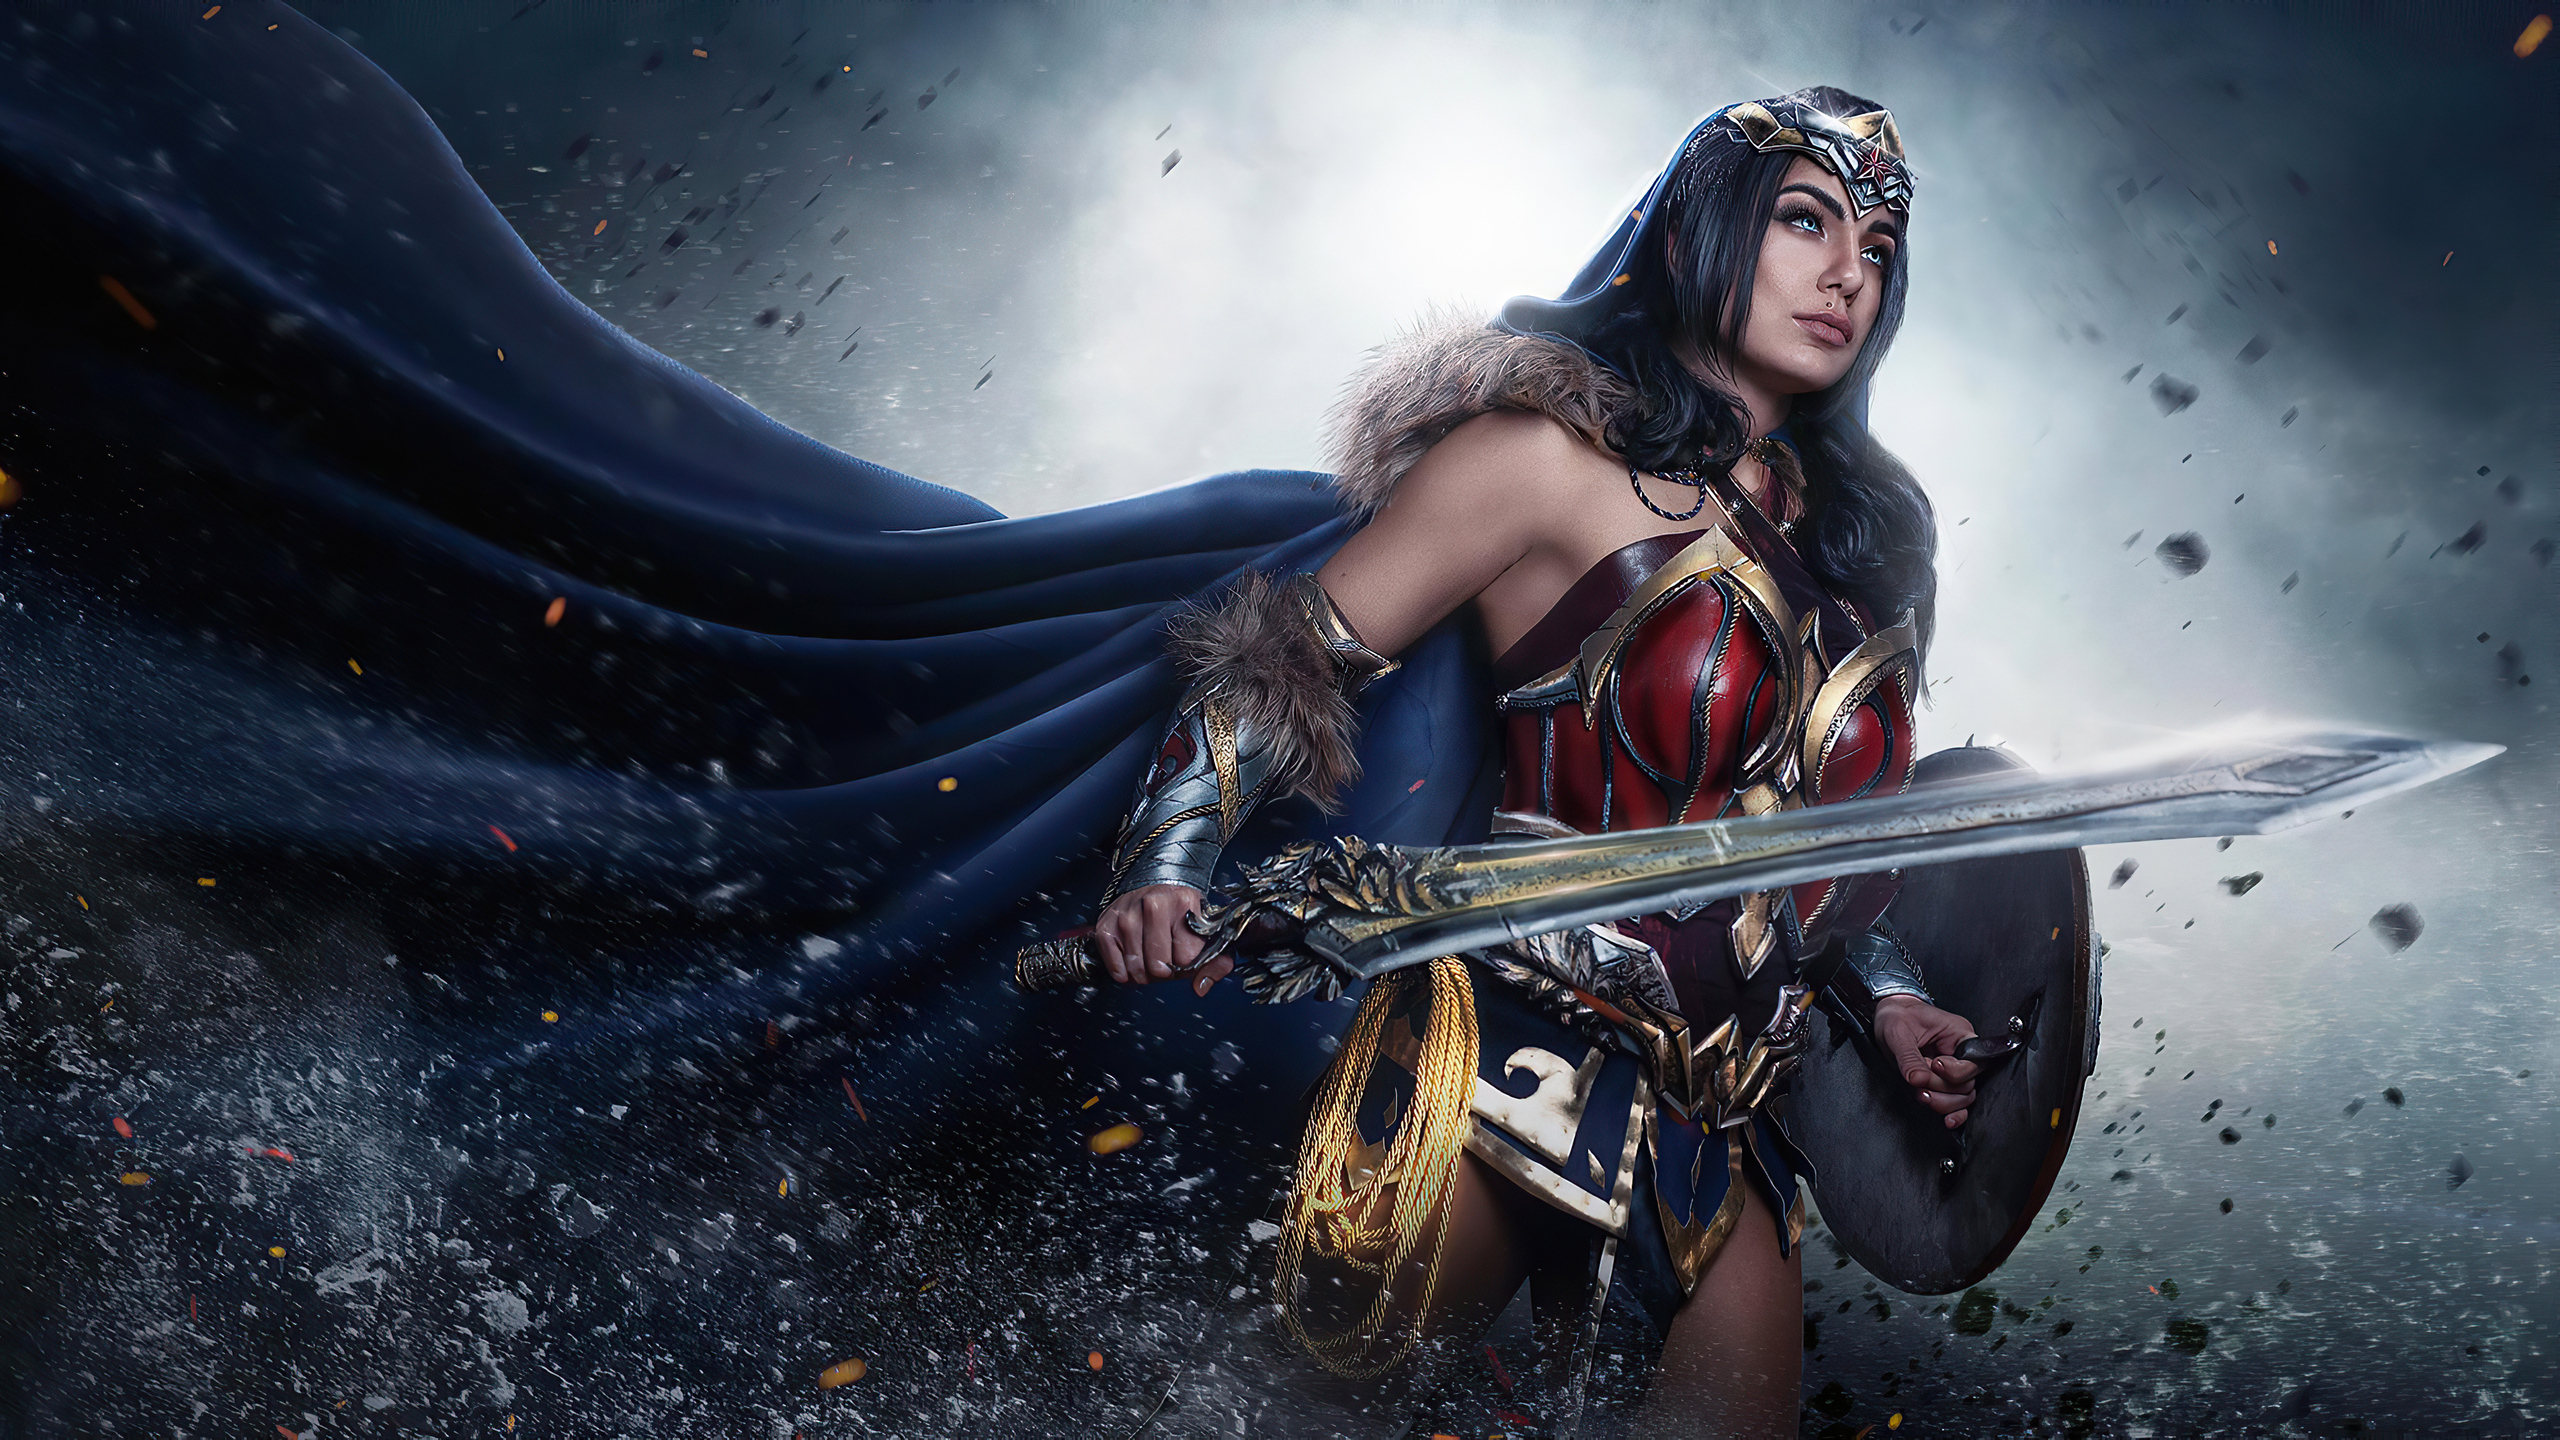 wonder-woman-cosplay-2020-4k-vd.jpg